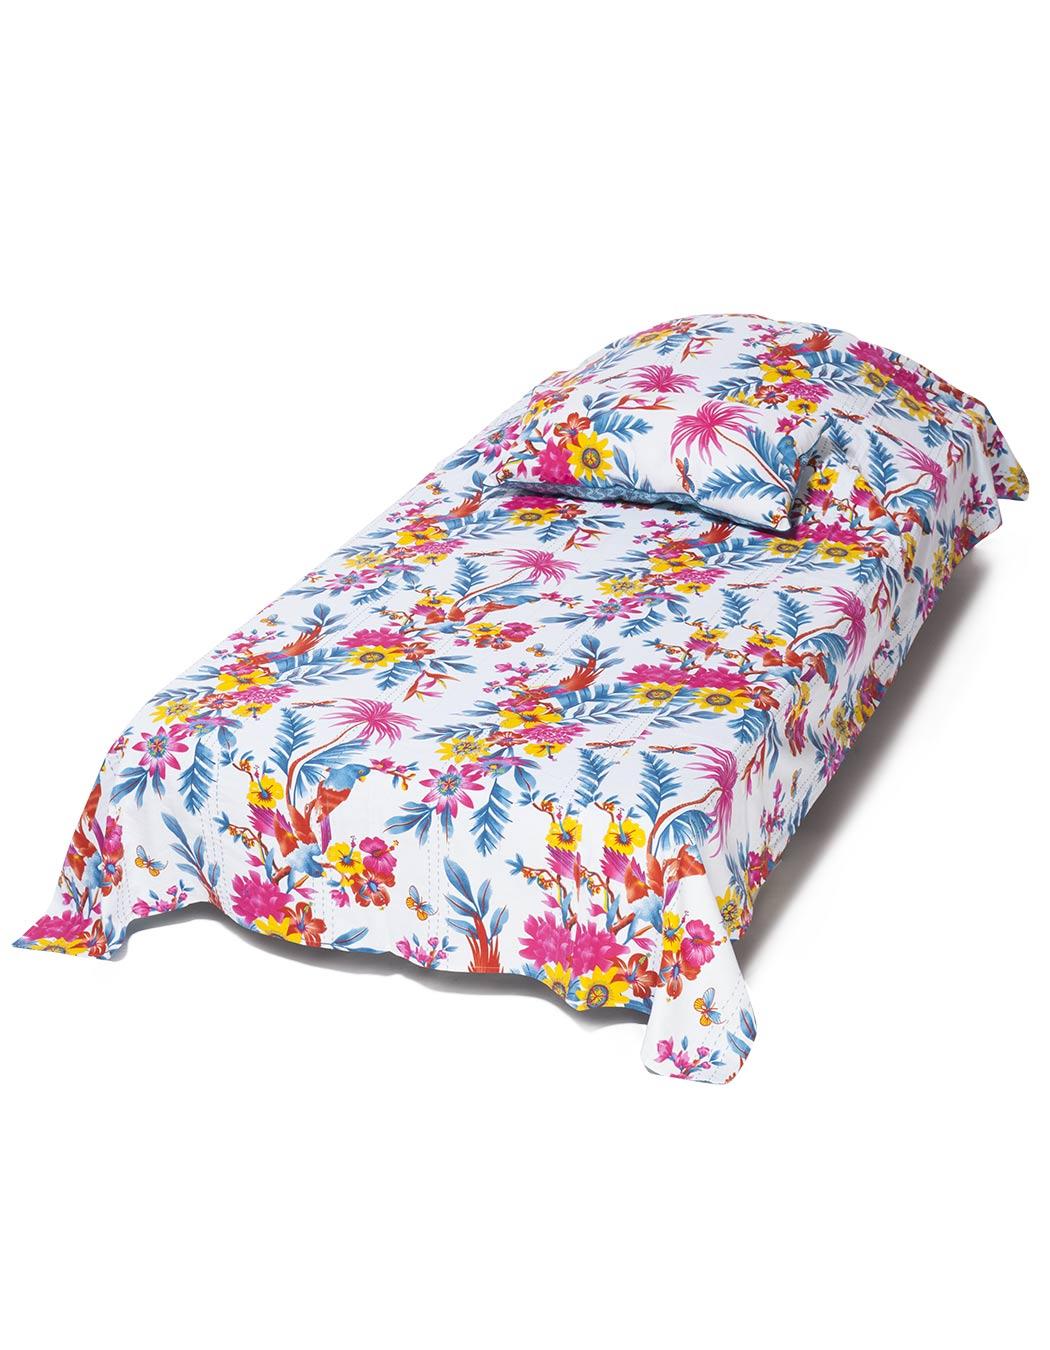 Jeté de lit surpiqué en coton white 140 x 230